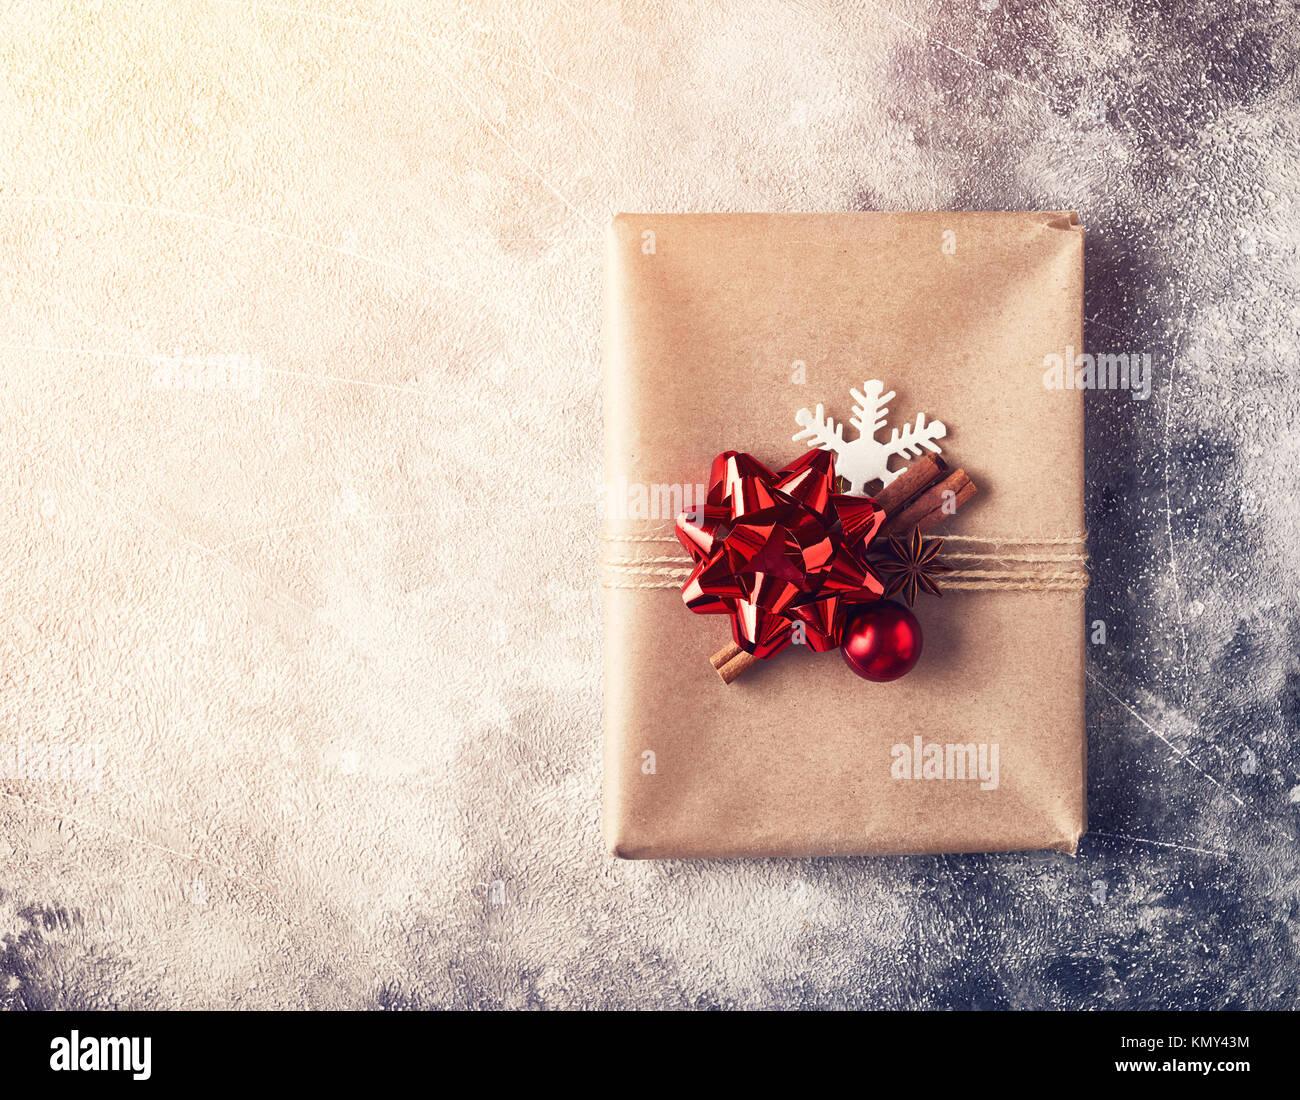 Envuelto presente con lazo rojo sobre fondo de invierno con textura Imagen De Stock